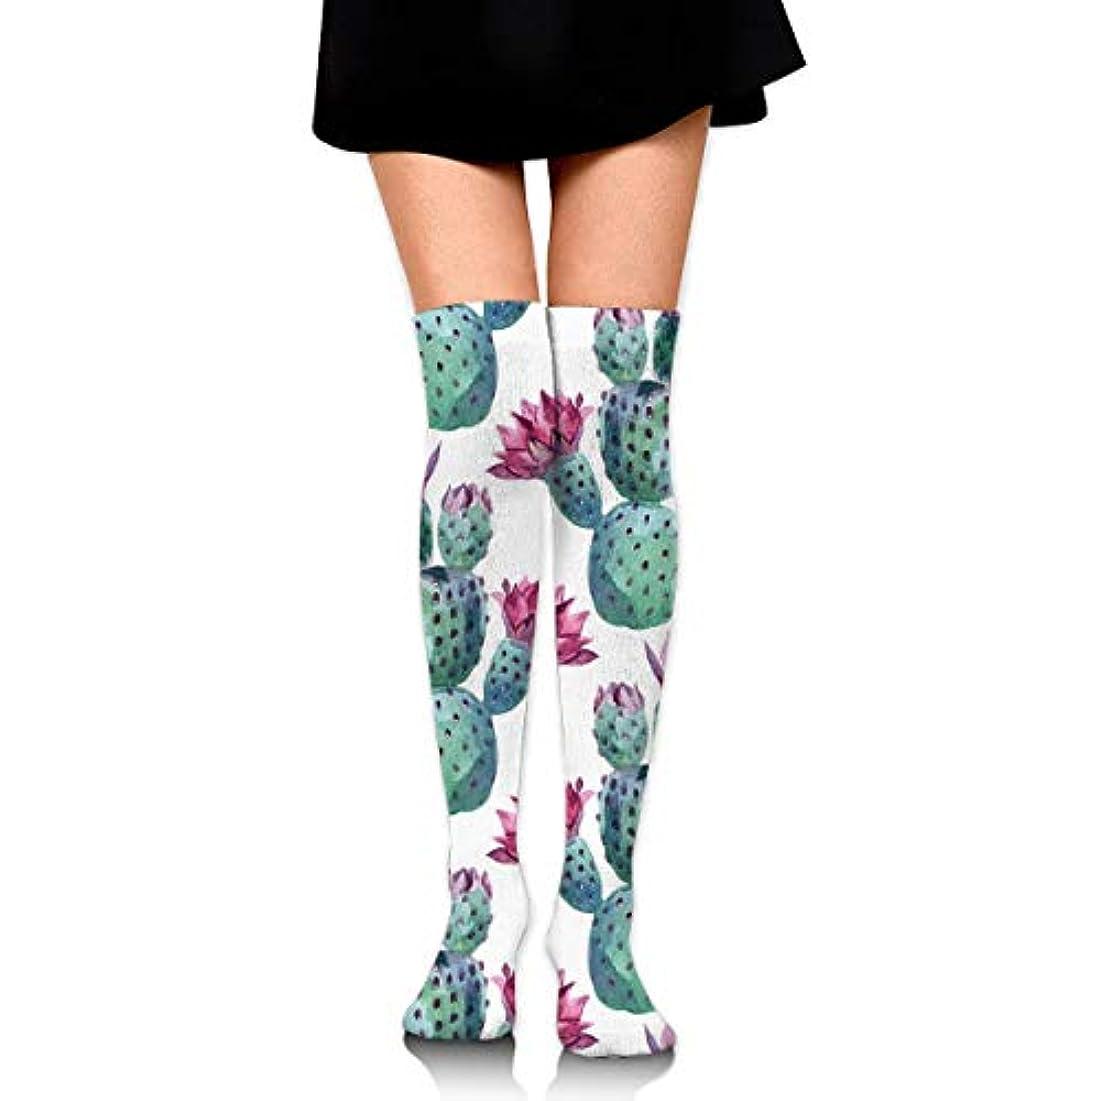 先見の明ラフ従者MKLOS 通気性 圧縮ソックス Breathable Thigh High Socks Over Exotic Psychedelic Print Compression High Tube Thigh Boot Stockings...